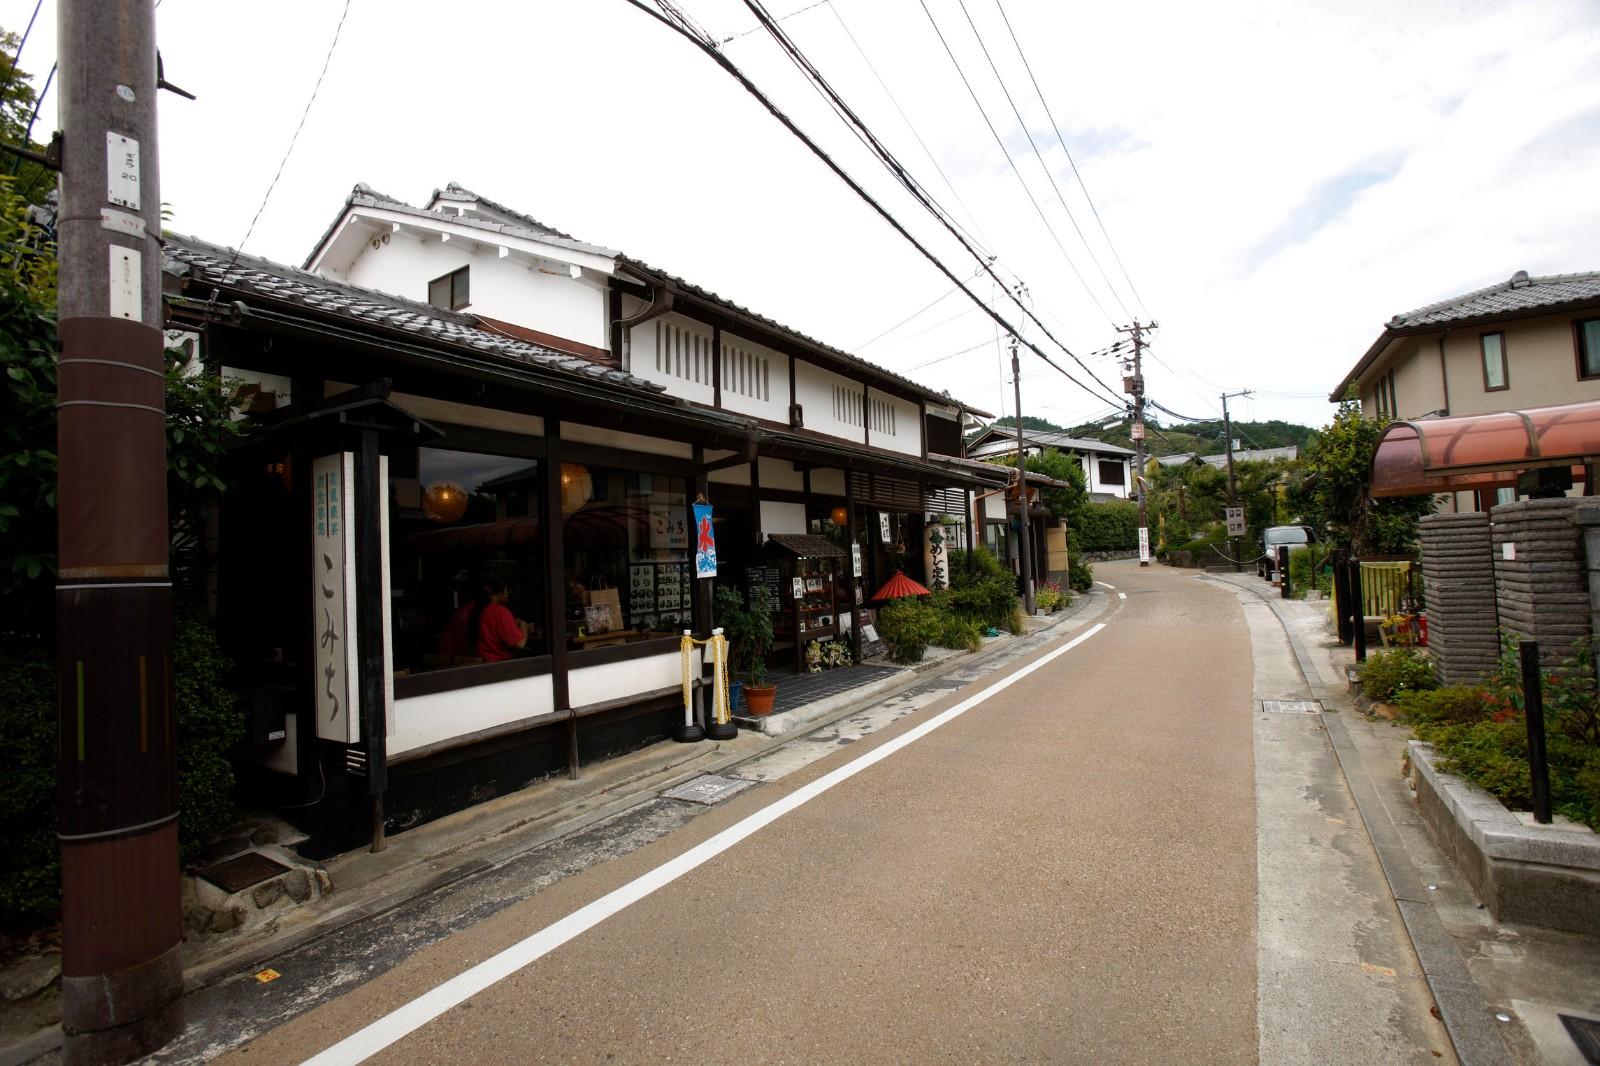 日本房产问题汇总